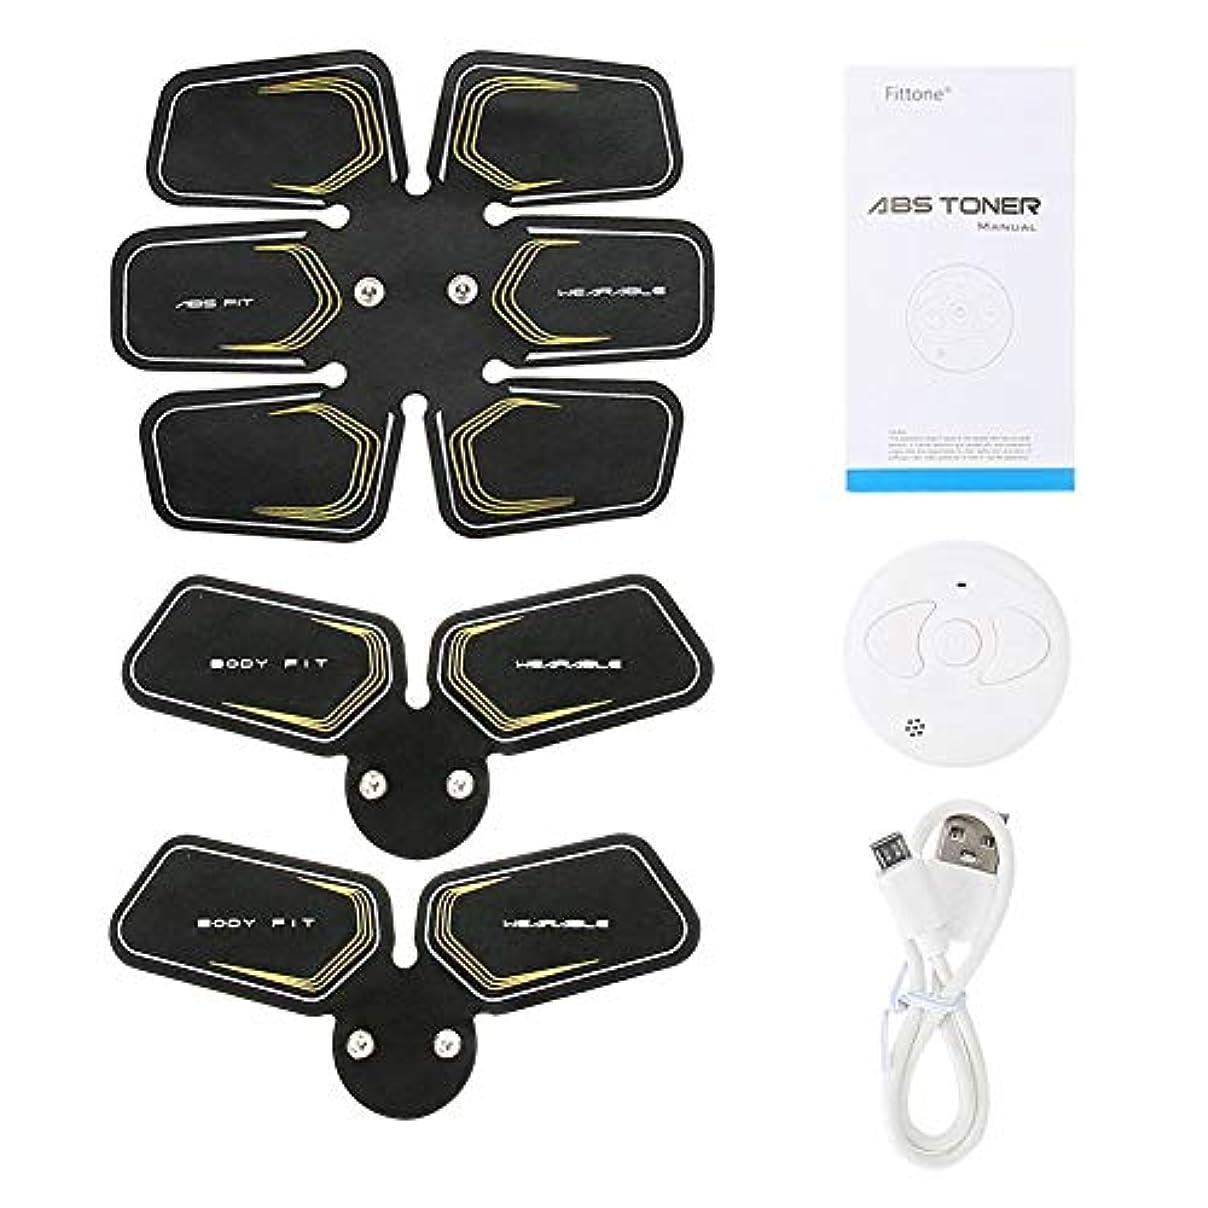 フィットネスマシンマッスルスティミュレーター、8モードusb充電式電気腹部マッスルスティミュレーターマッサージャーフィットネス腹部筋肉トレーニング